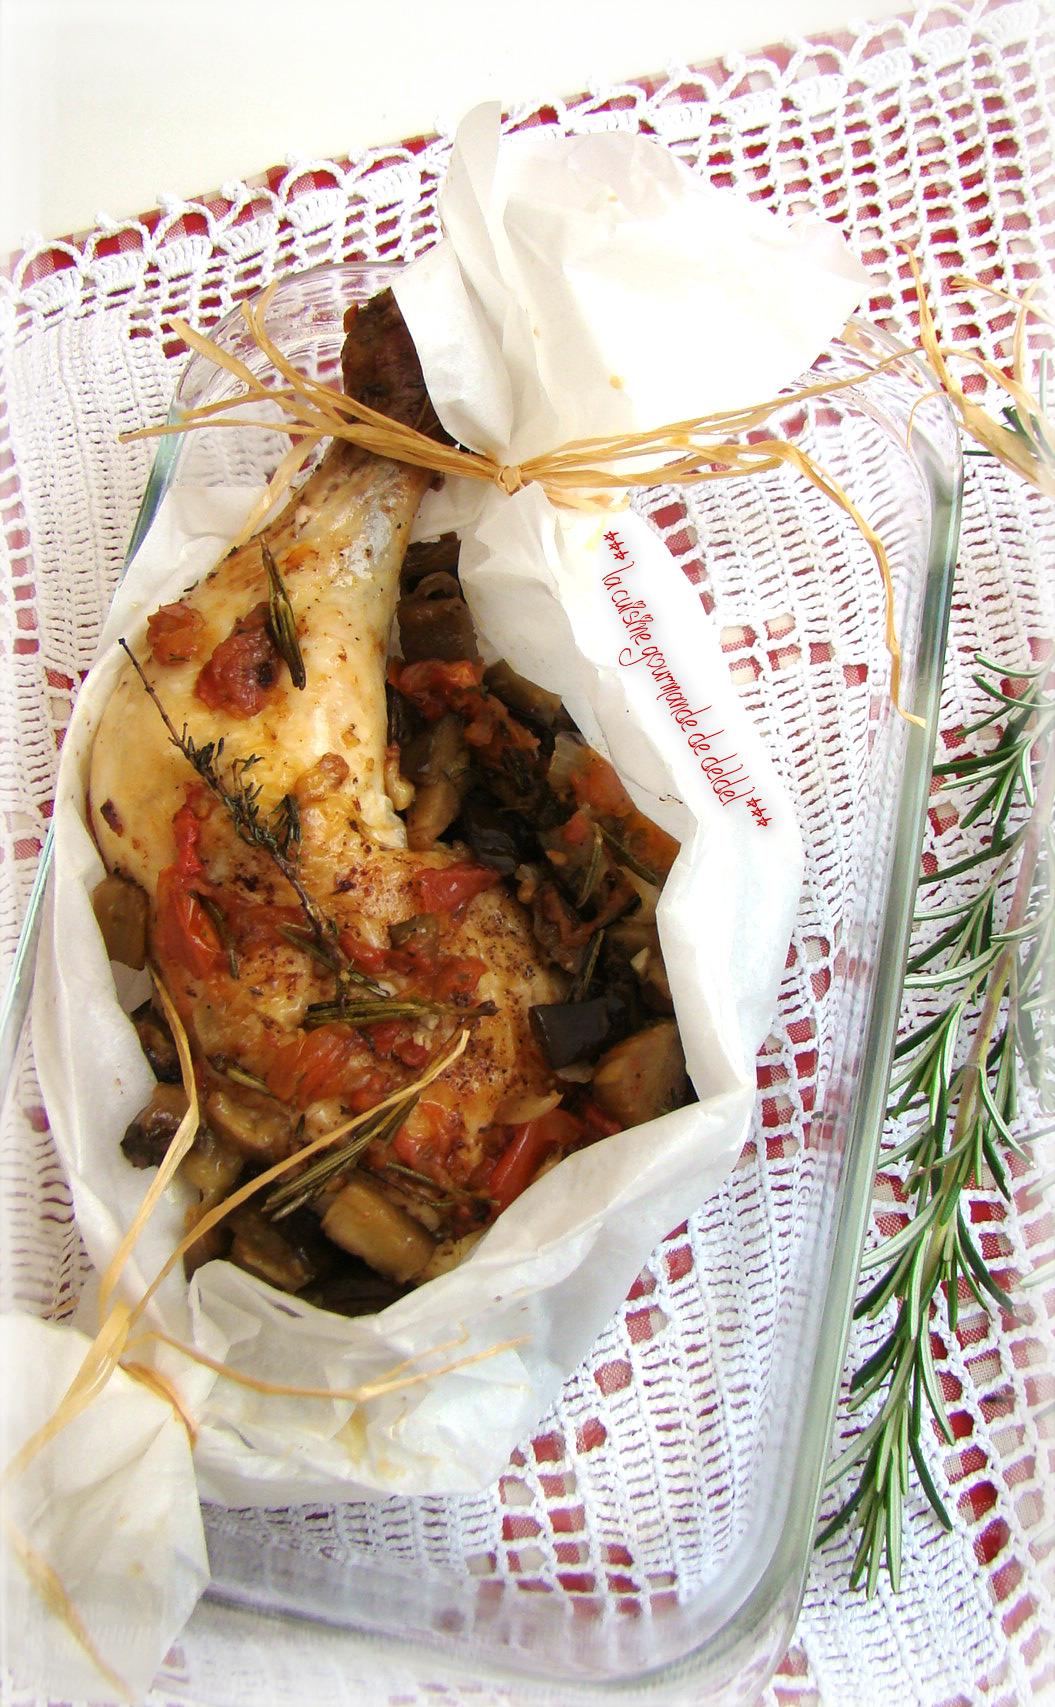 Cuisse De Poulet En Papillote : cuisse, poulet, papillote, CUISSE, POULET, THYM,ROMARIN, LÉGUMES, PAPILLOTE, Cuisine, Gourmande, Deldel